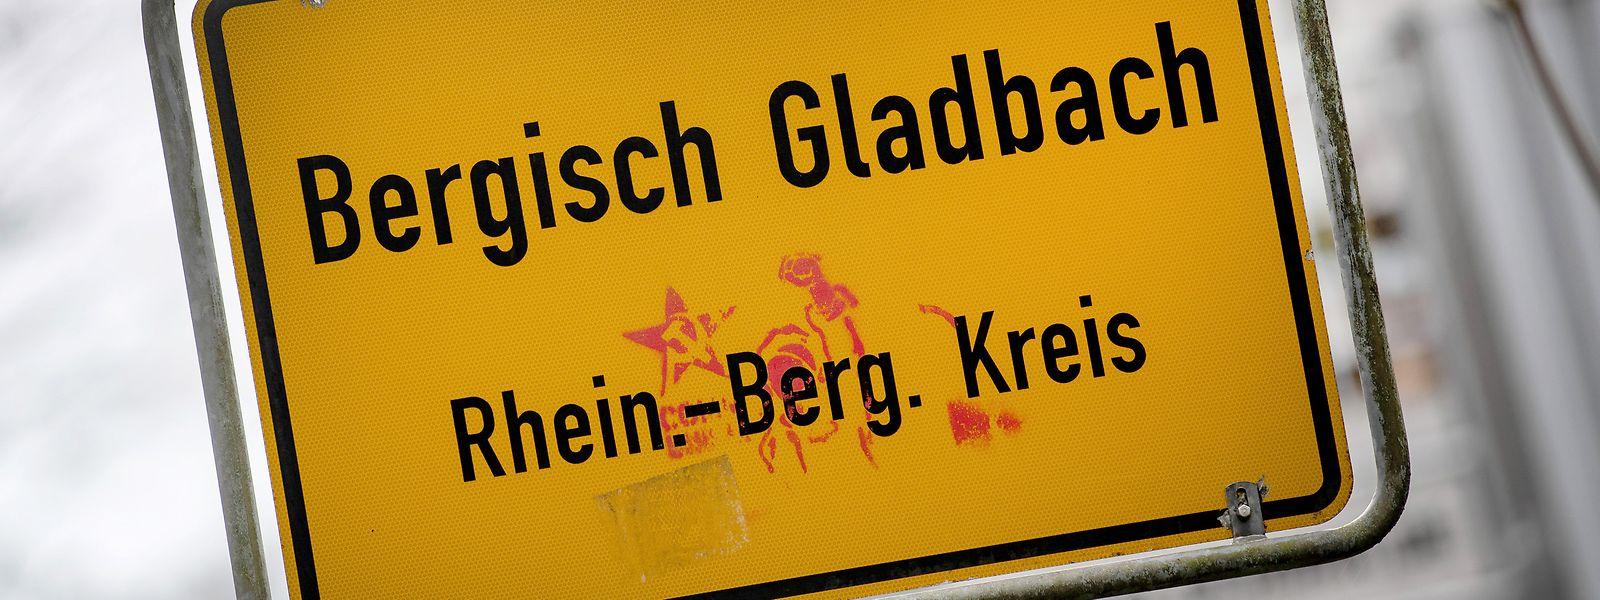 Im Missbrauchskomplex Bergisch Gladbach gibt es neue erschütternde Erkenntnisse.